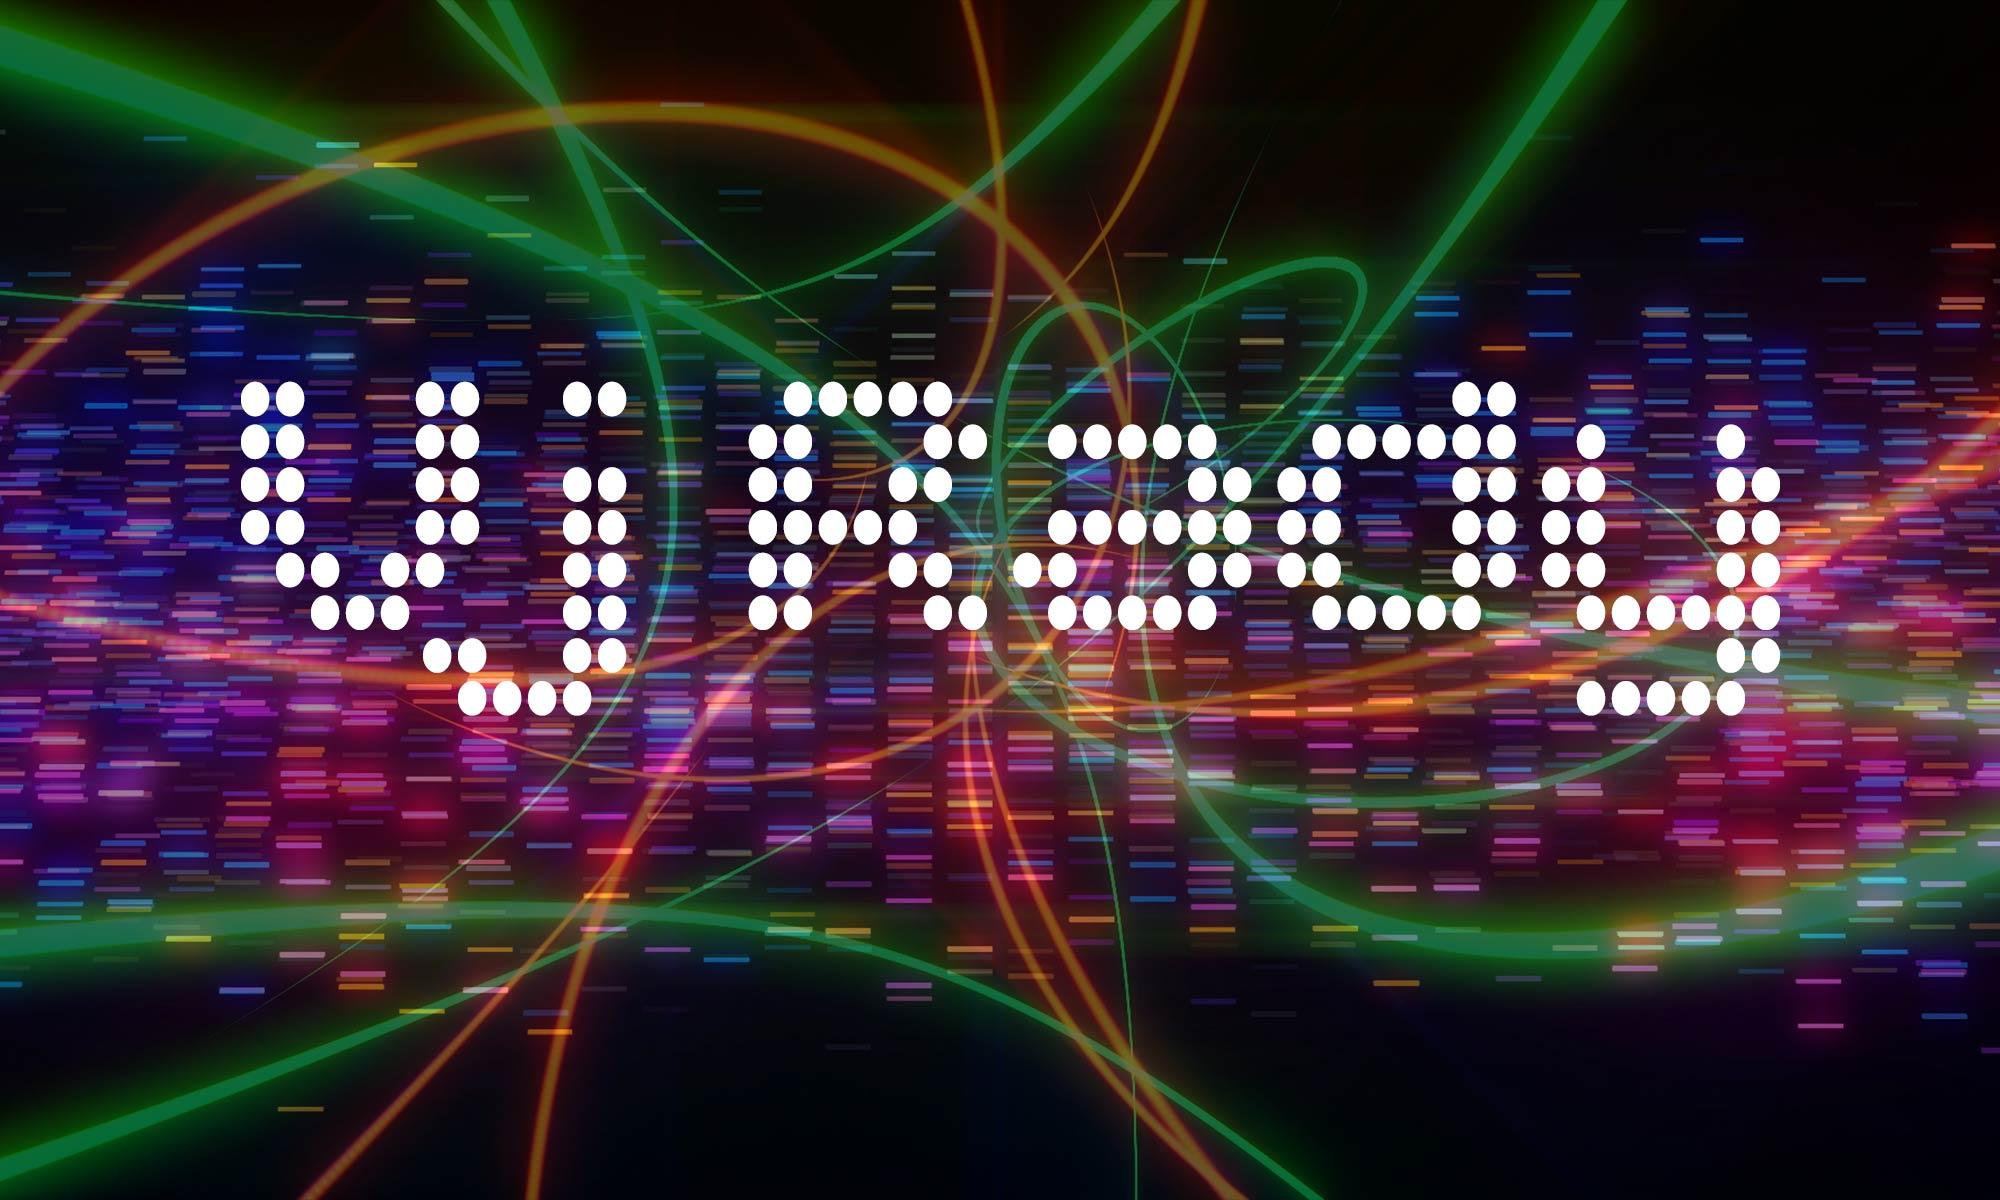 Vj Rady - обработка видео, создание заставок, анимация